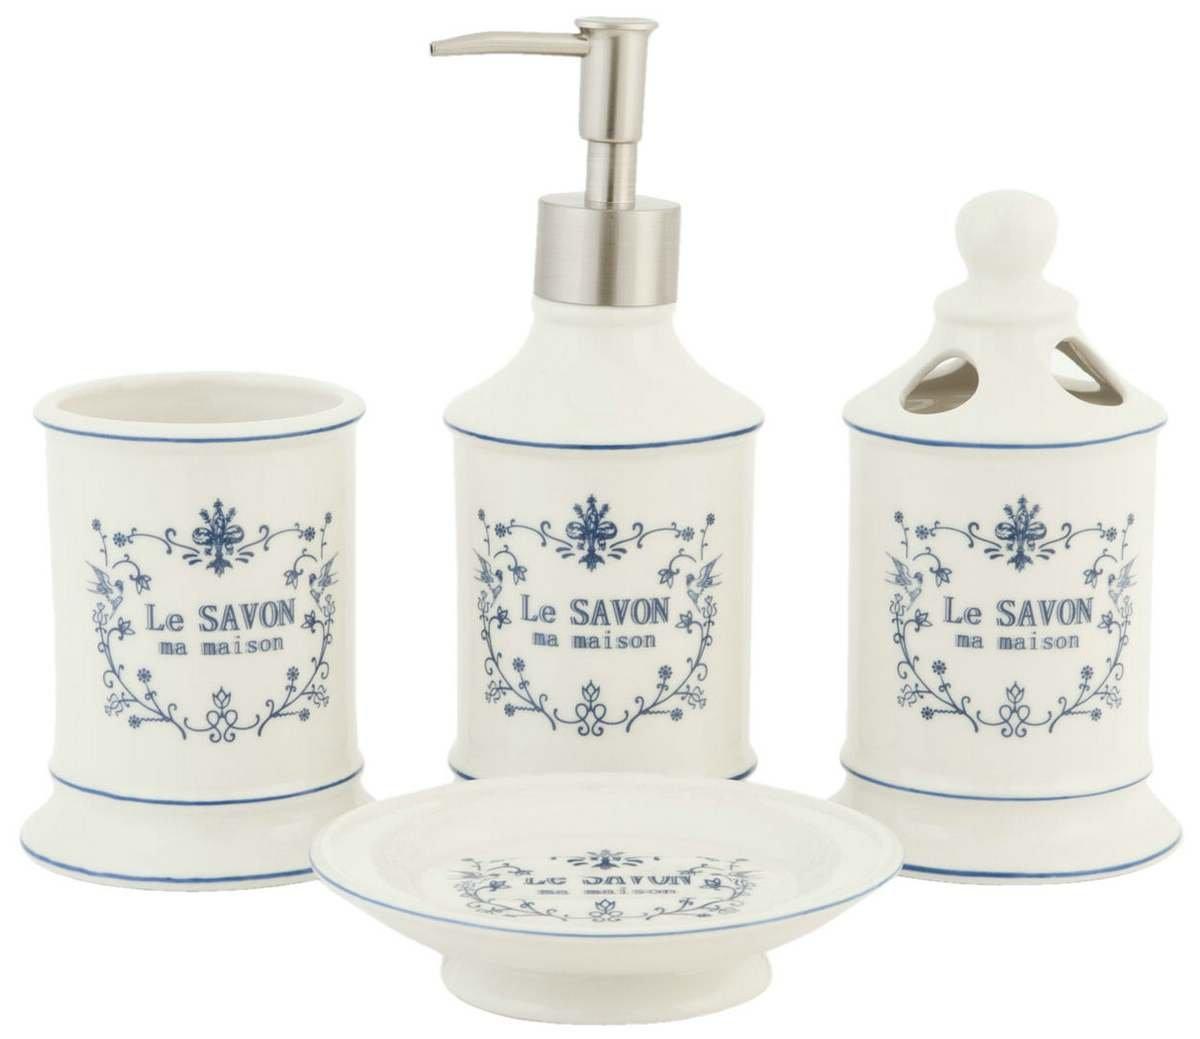 4 Teiliges Badezimmerset LE SAVON Mit Seifenspender Weiß Keramik Clayre U0026  Eef: Amazon.de: Küche U0026 Haushalt